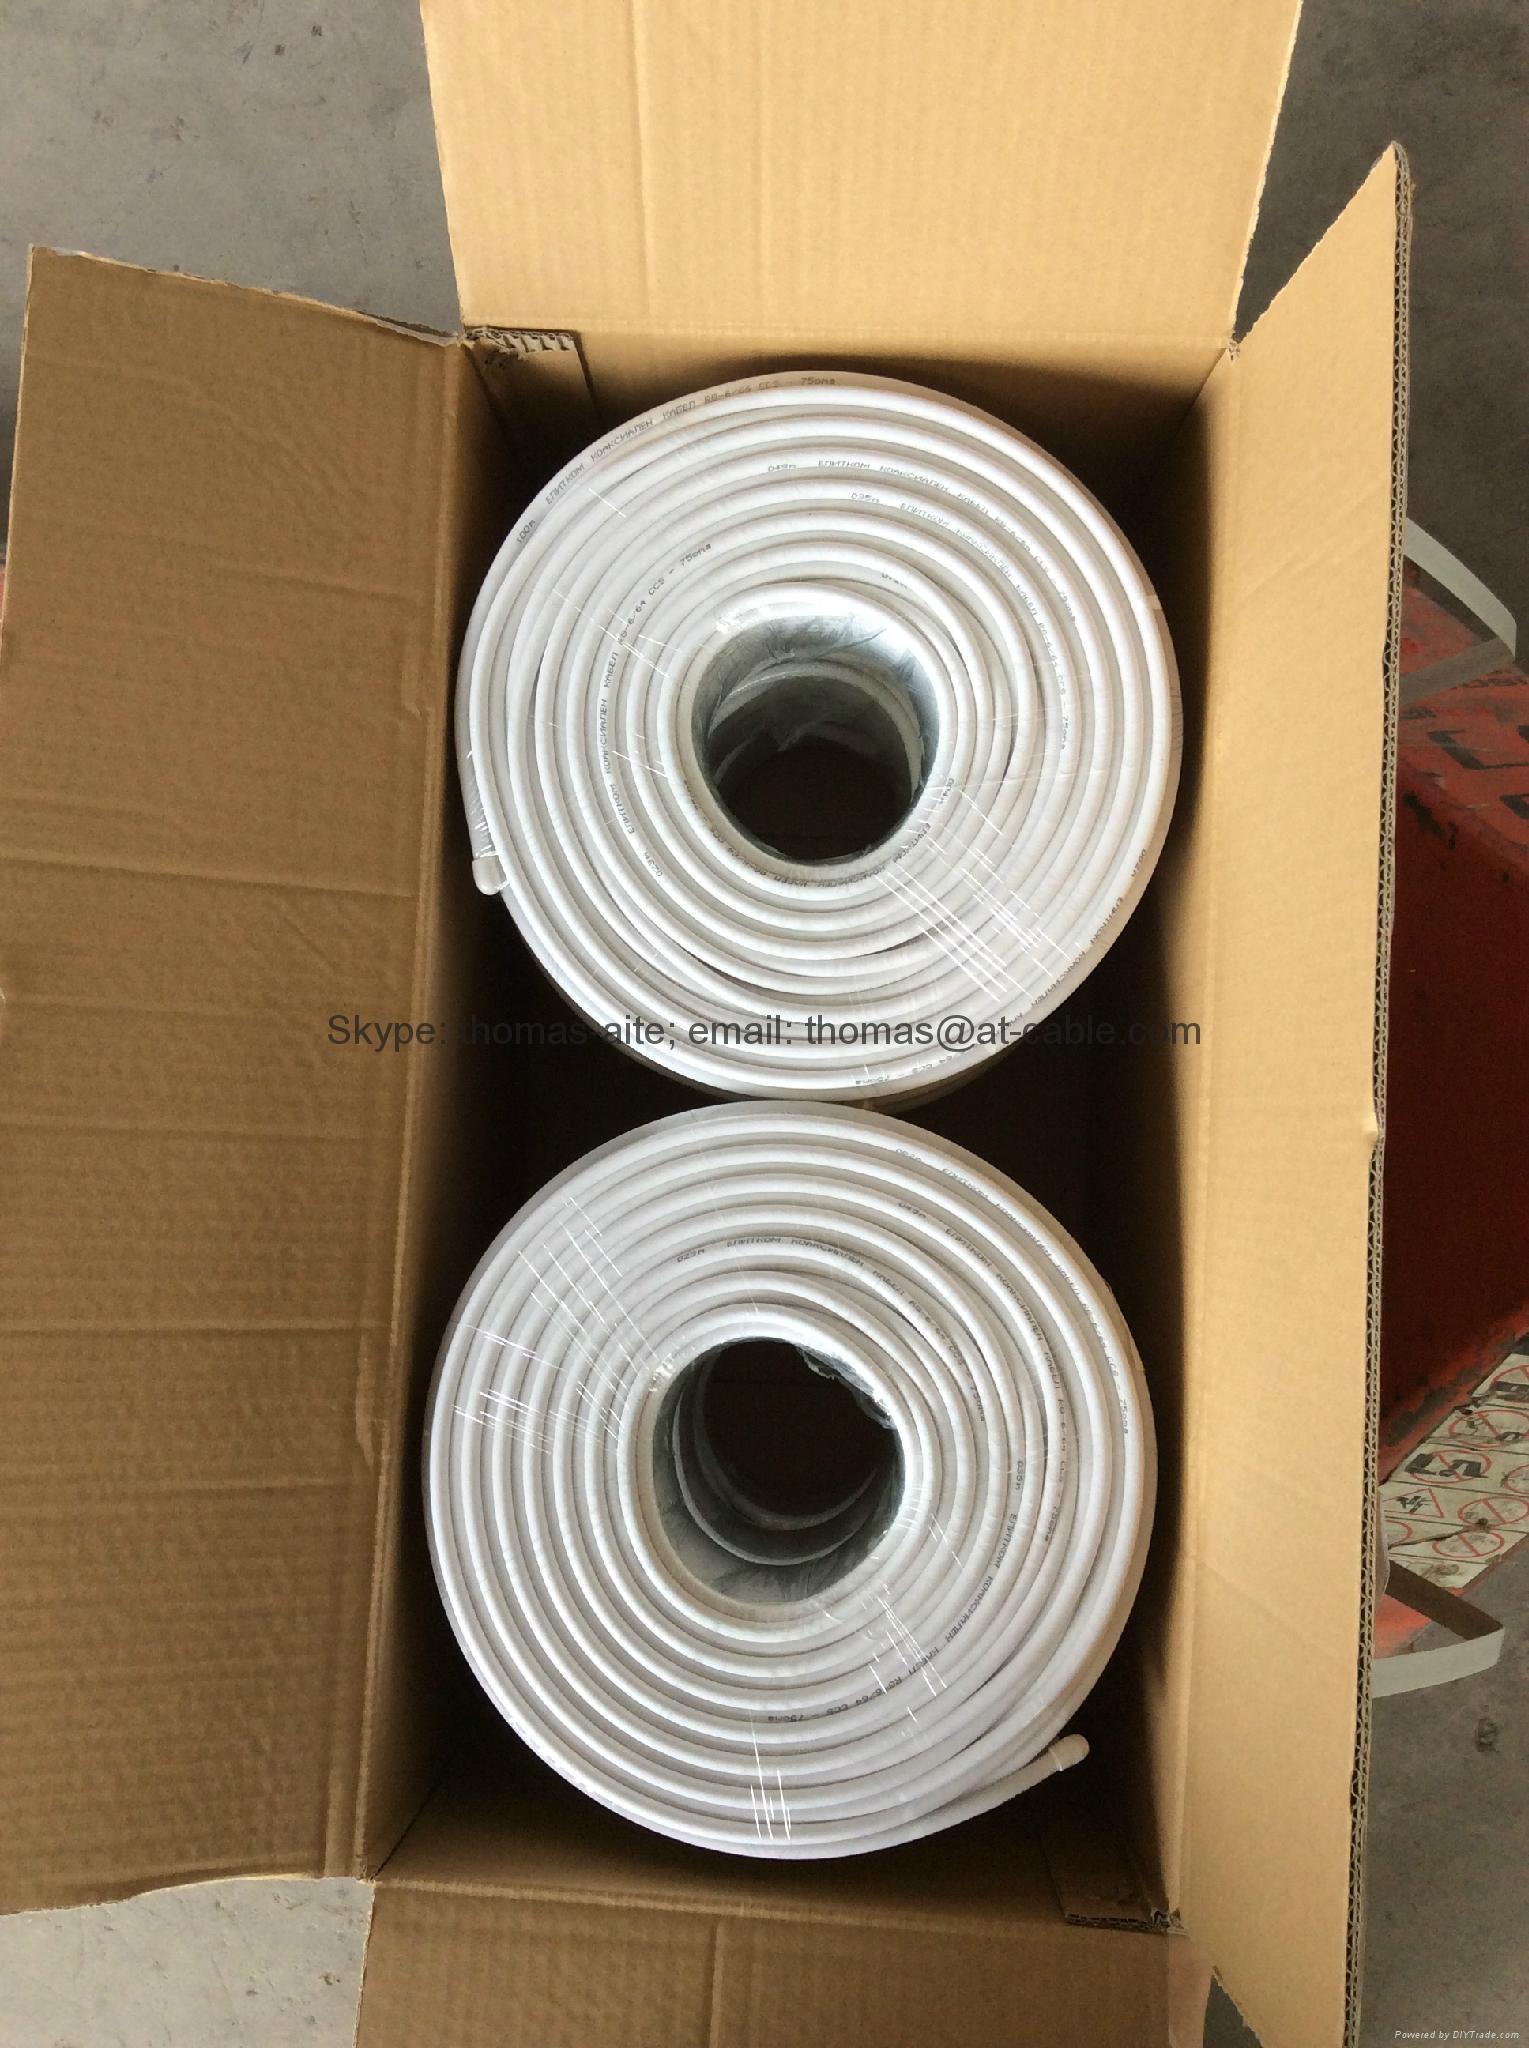 6PCS 100M COILS COAXIAL CABLE RG6